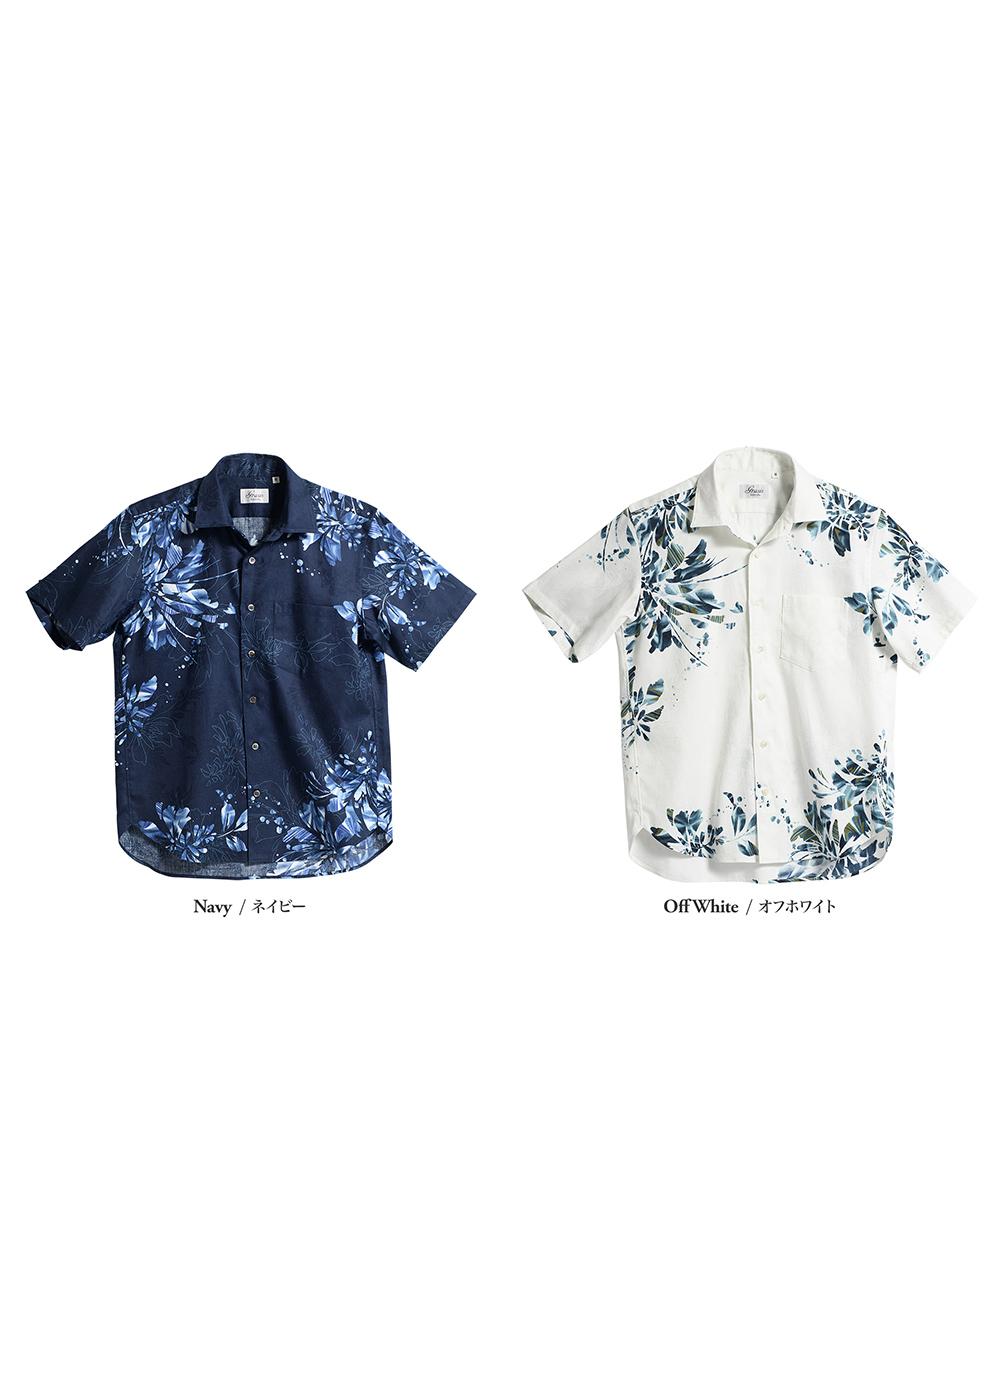 かりゆしウェア(沖縄版アロハシャツ) MAJUN - デイゴライト